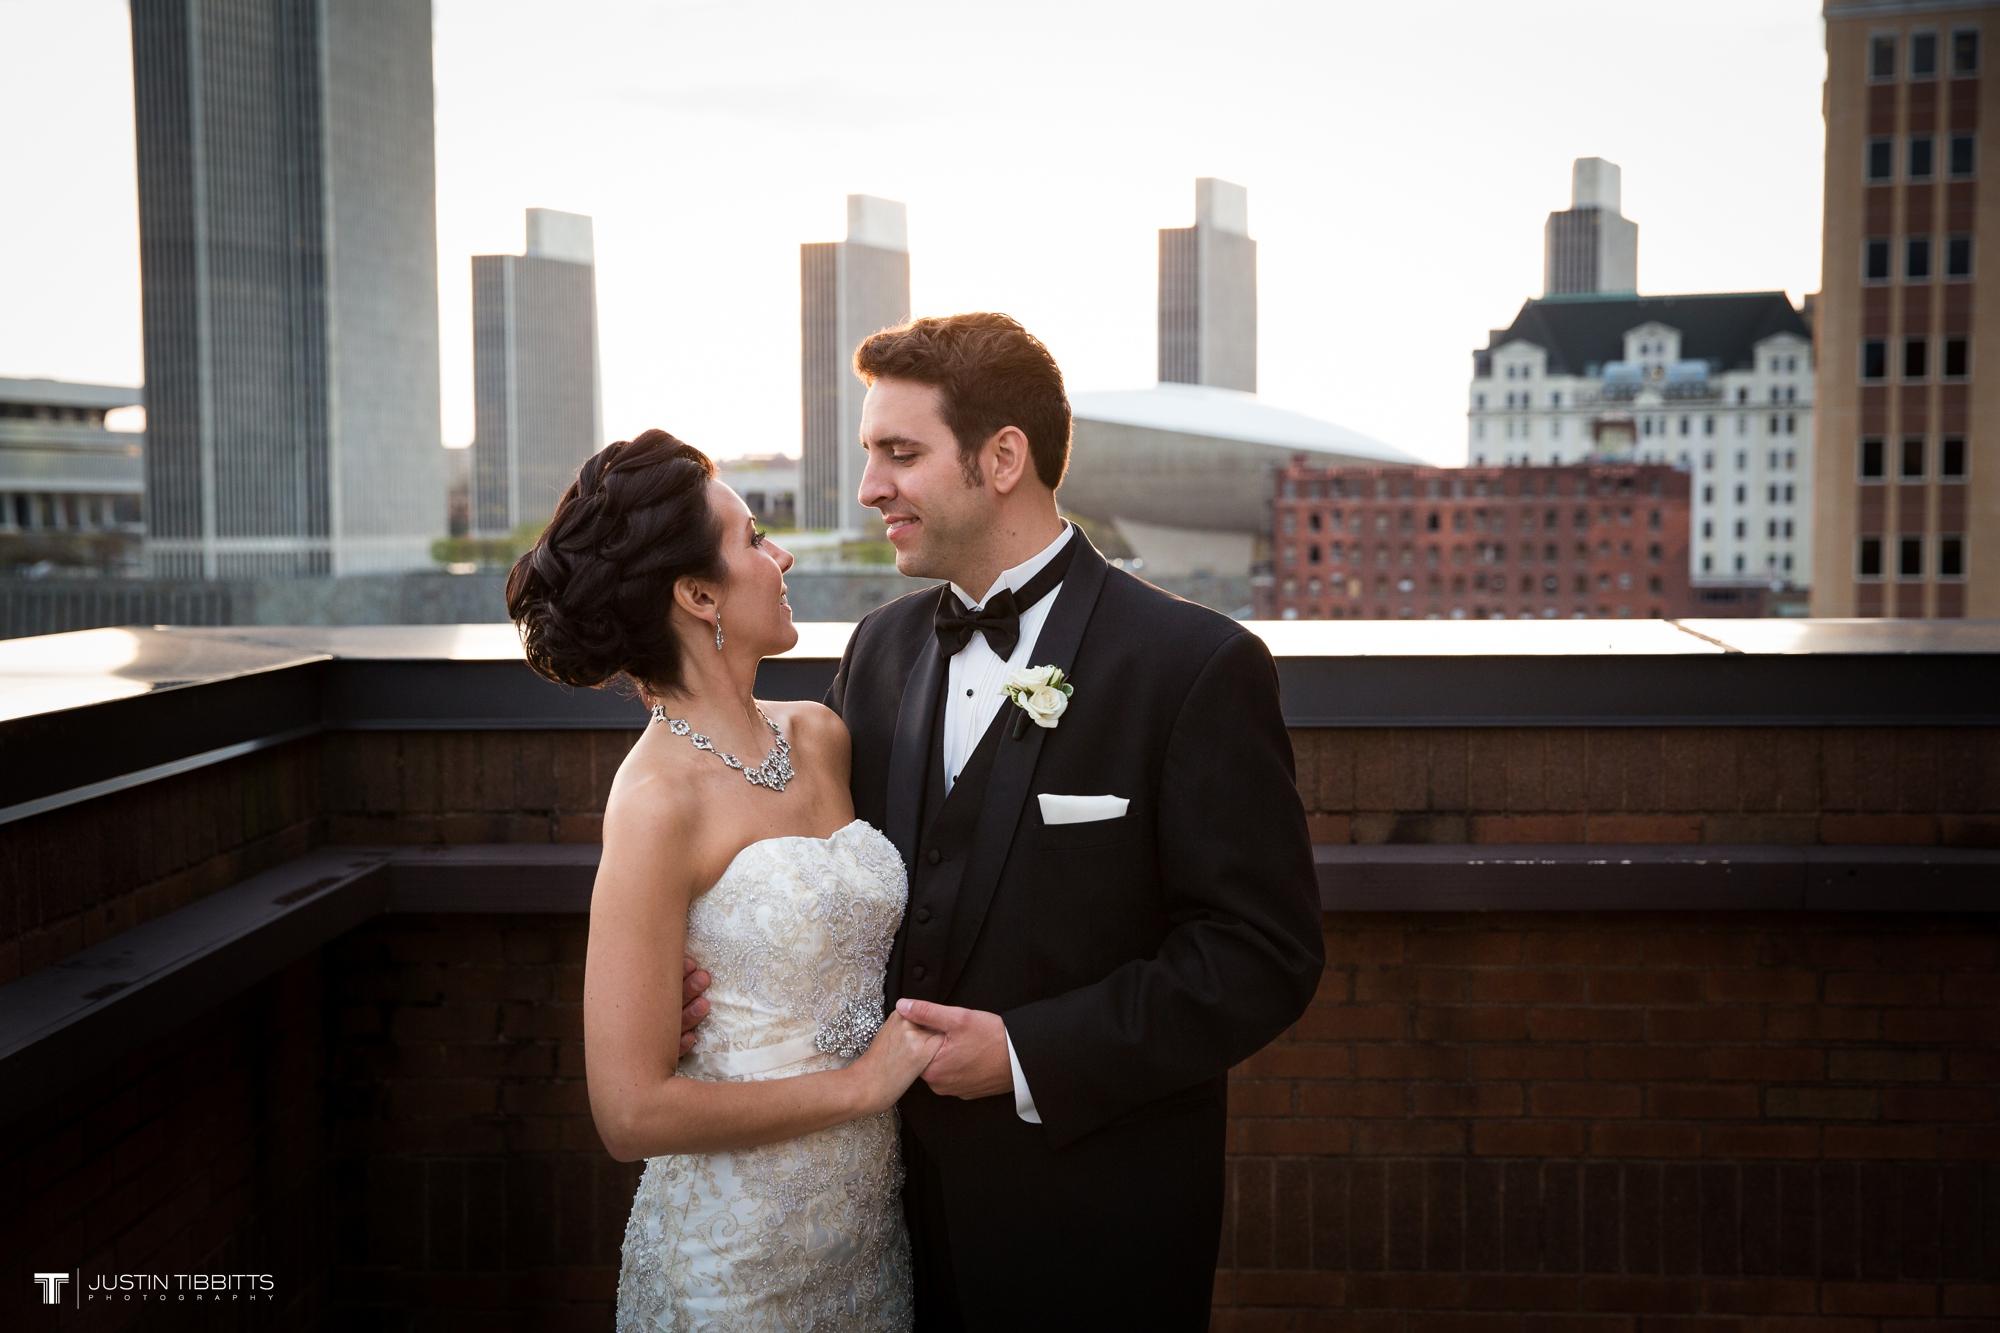 Albany NY Wedding Photographer Justin Tibbitts Photography 2014 Best of Albany NY Weddings-157929